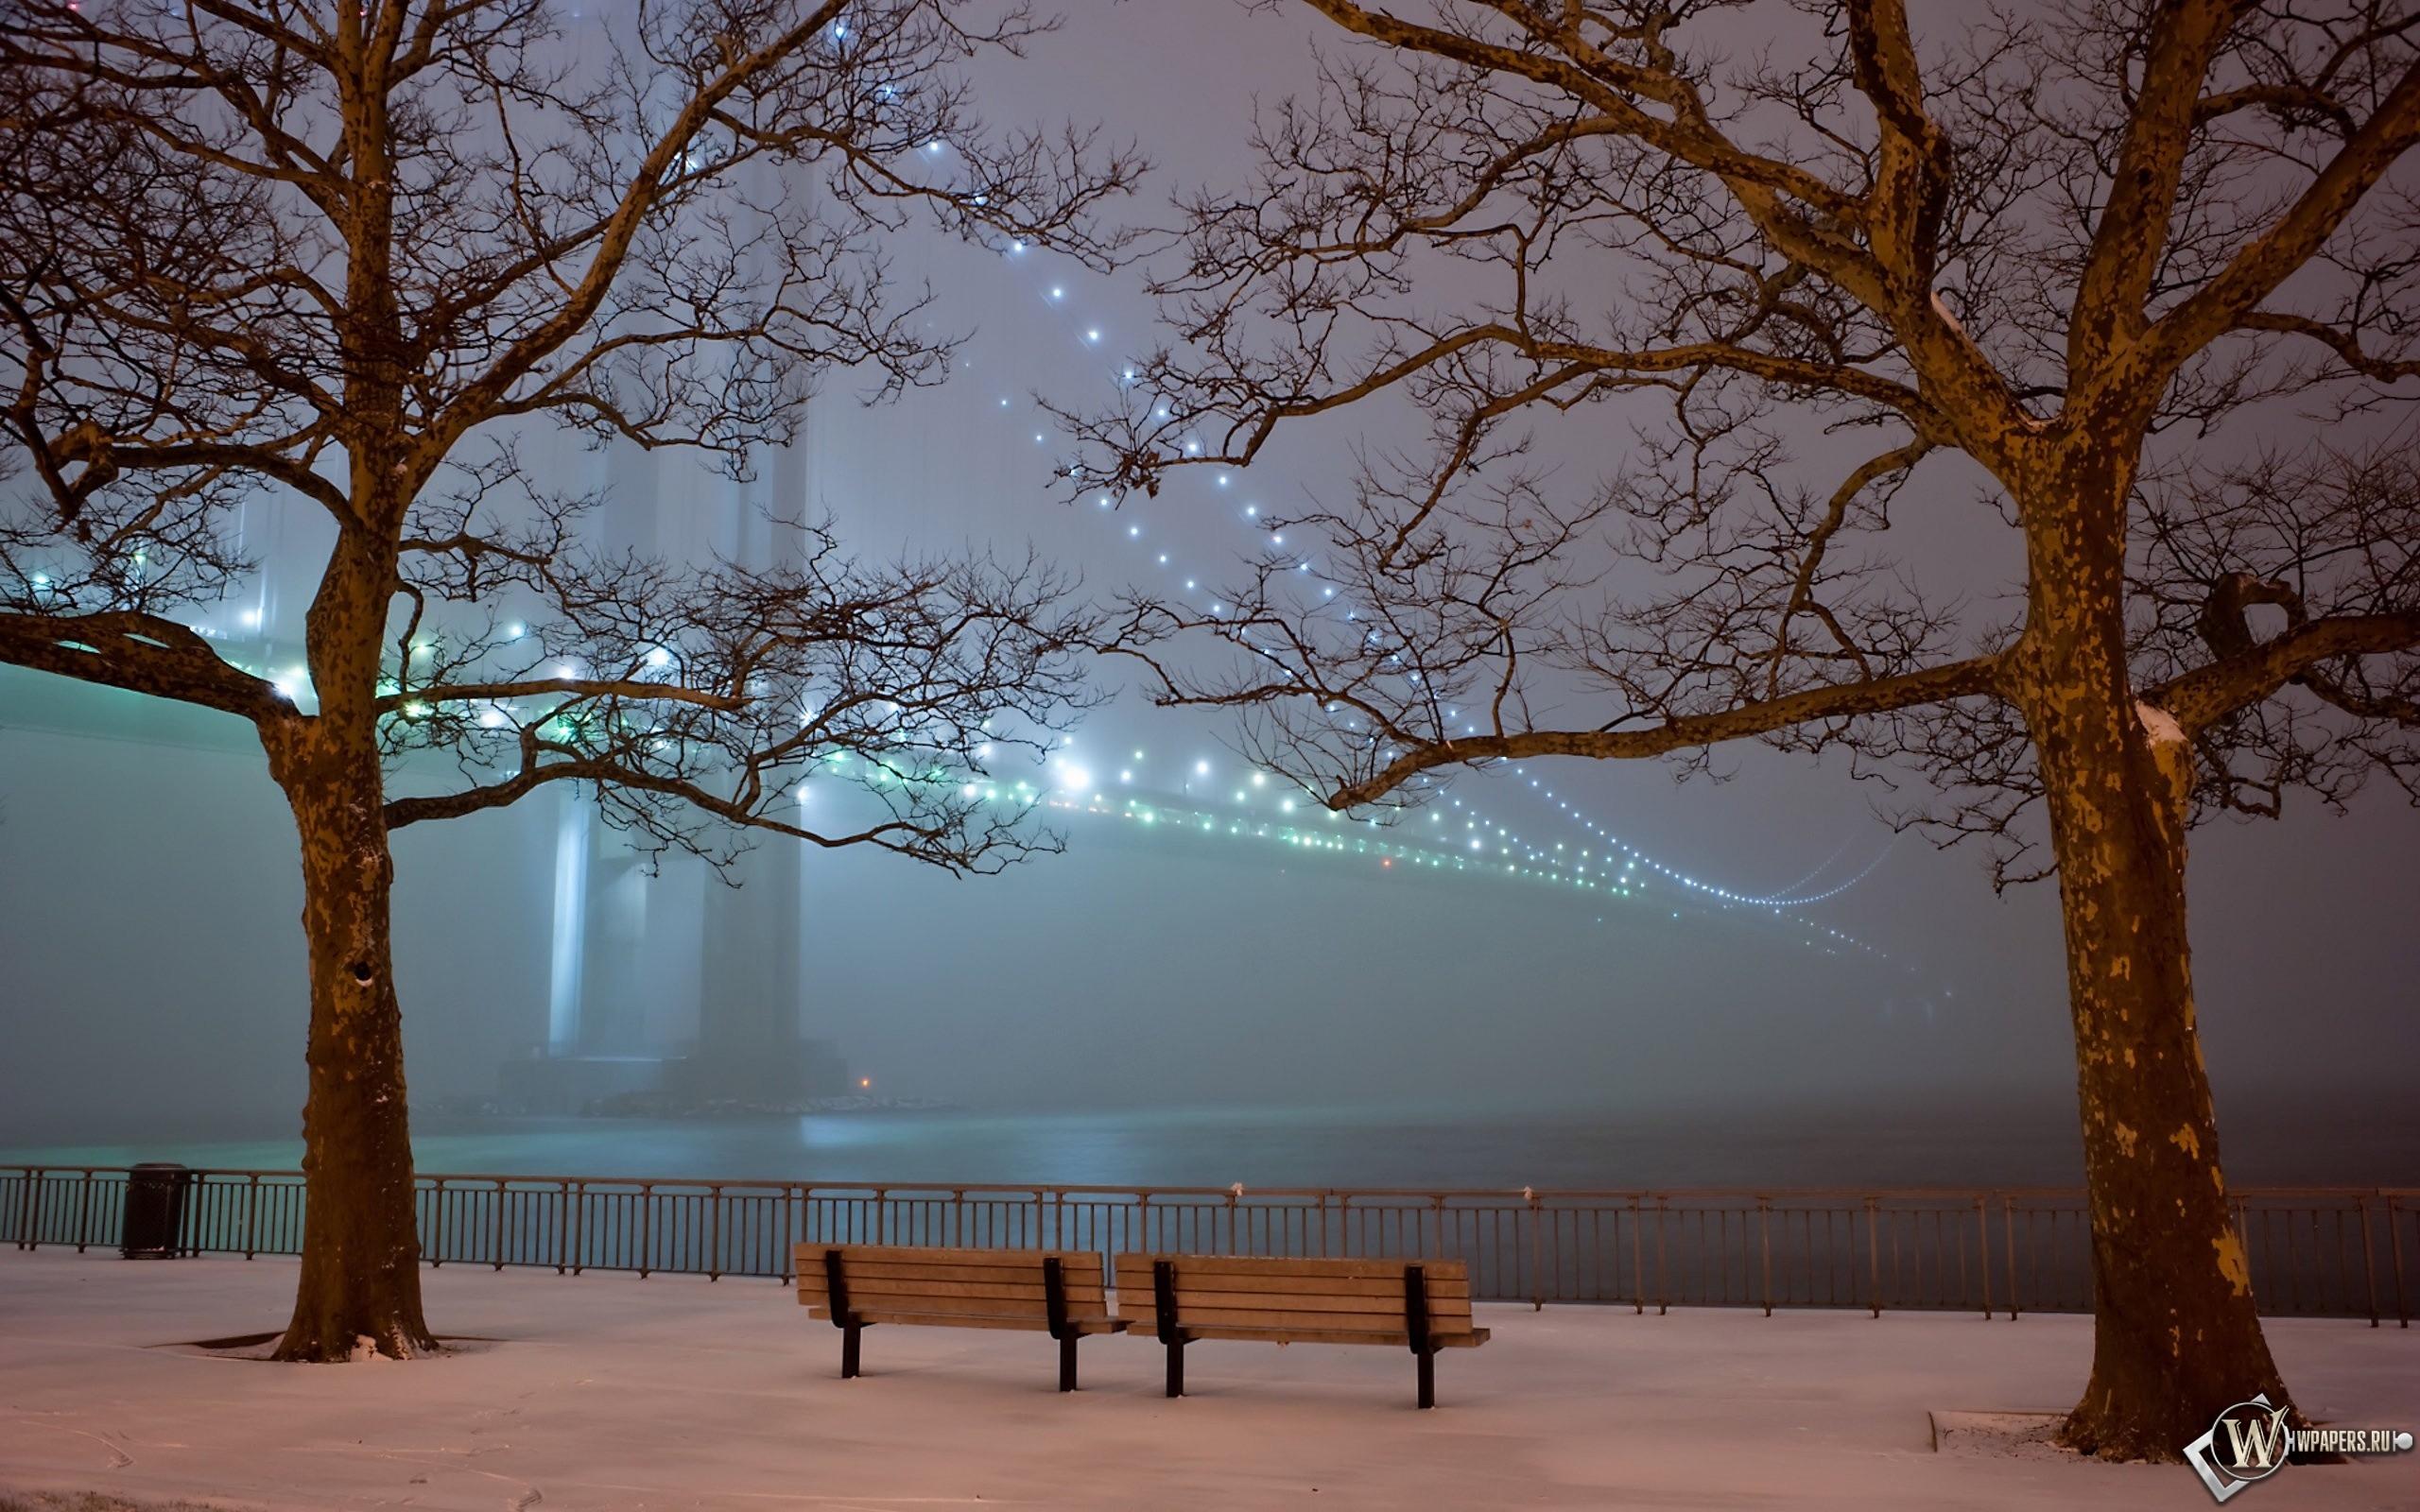 Зимний парк вечером 2560x1600